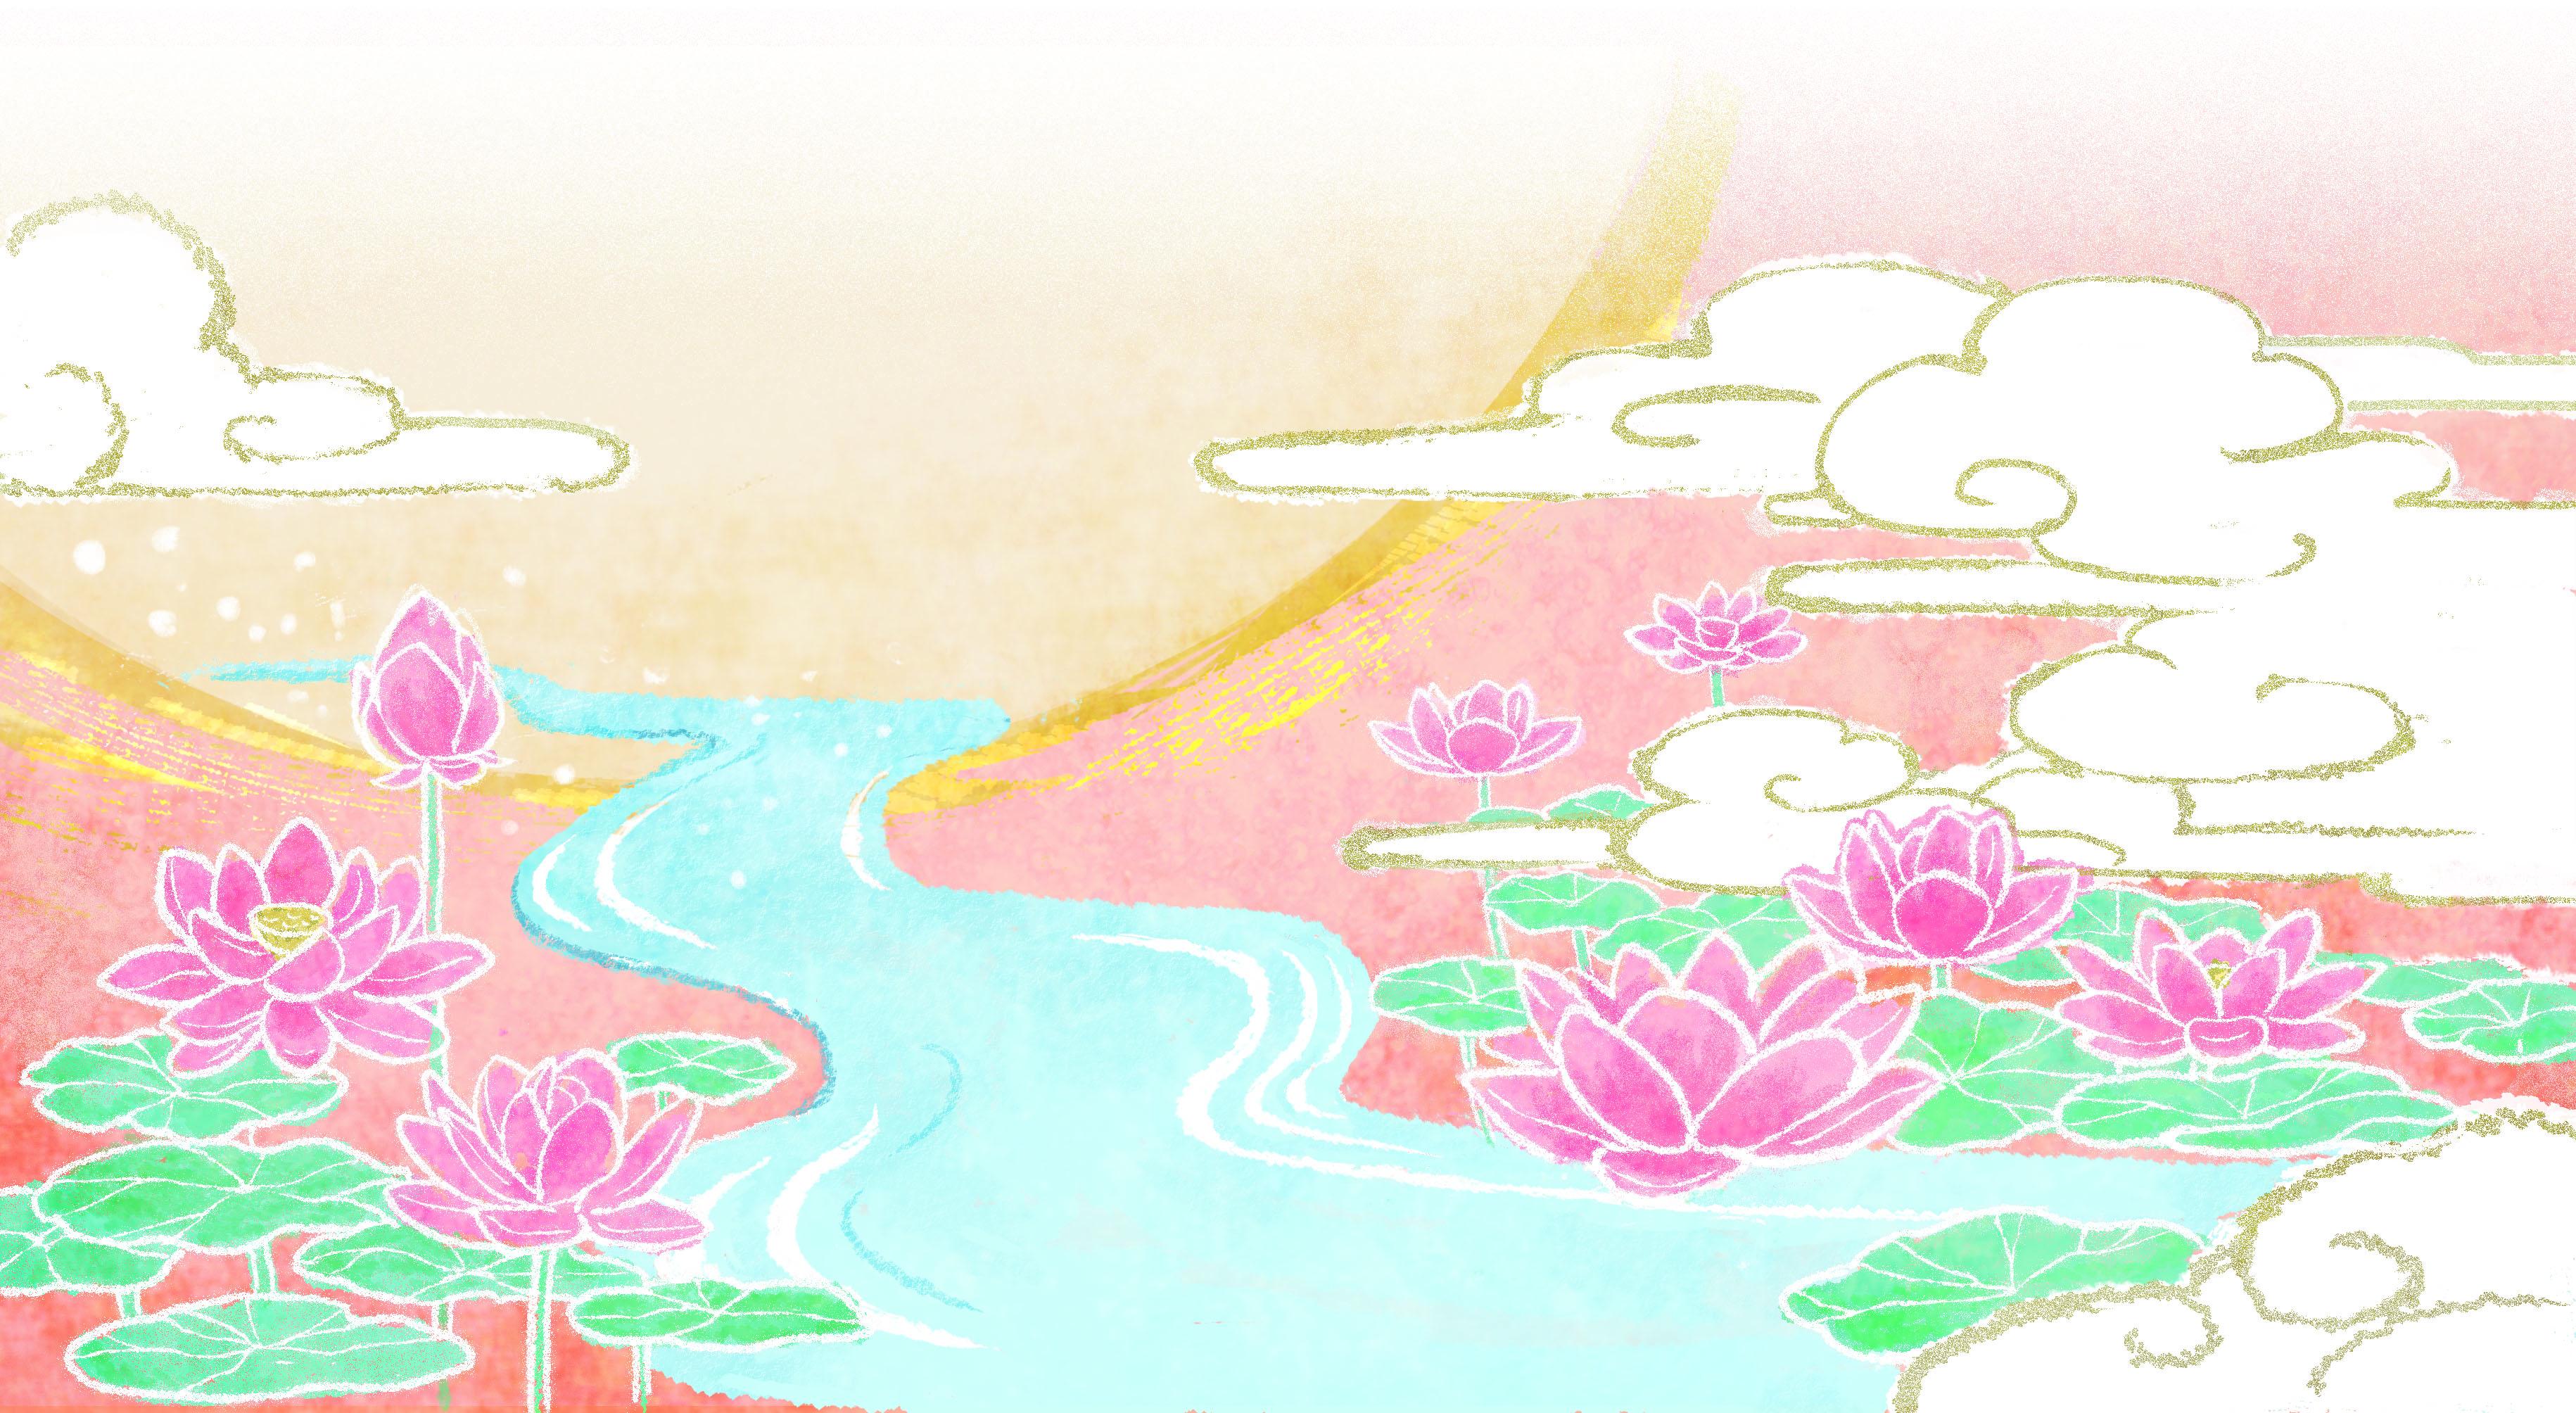 極楽浄土とは?天国とどう違うの?【浄土真宗】 | 【大阪の仏壇店】お ...